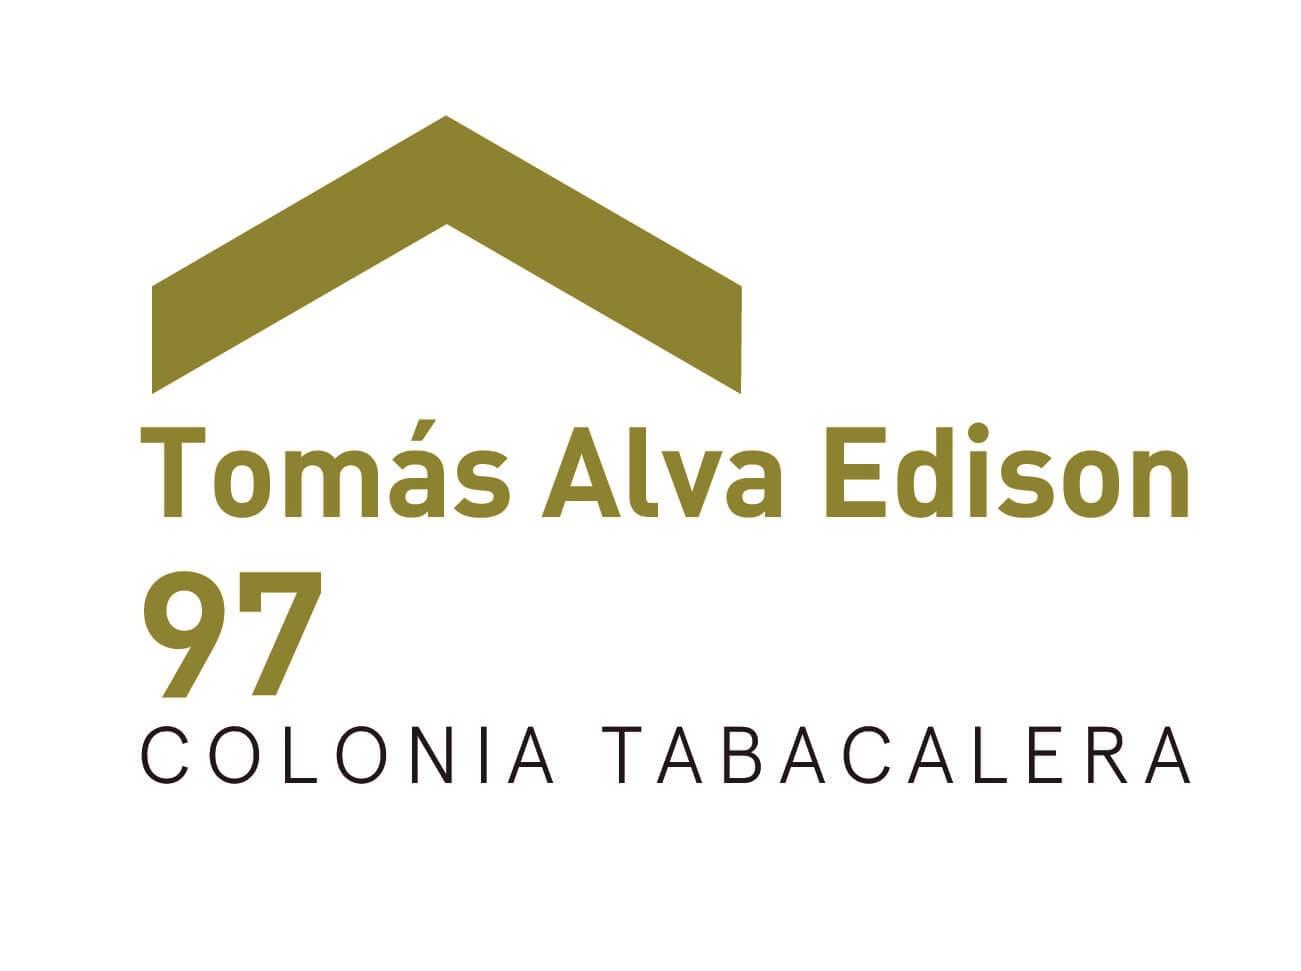 Tomás Alva Edison 97 Colonia Tabacalera